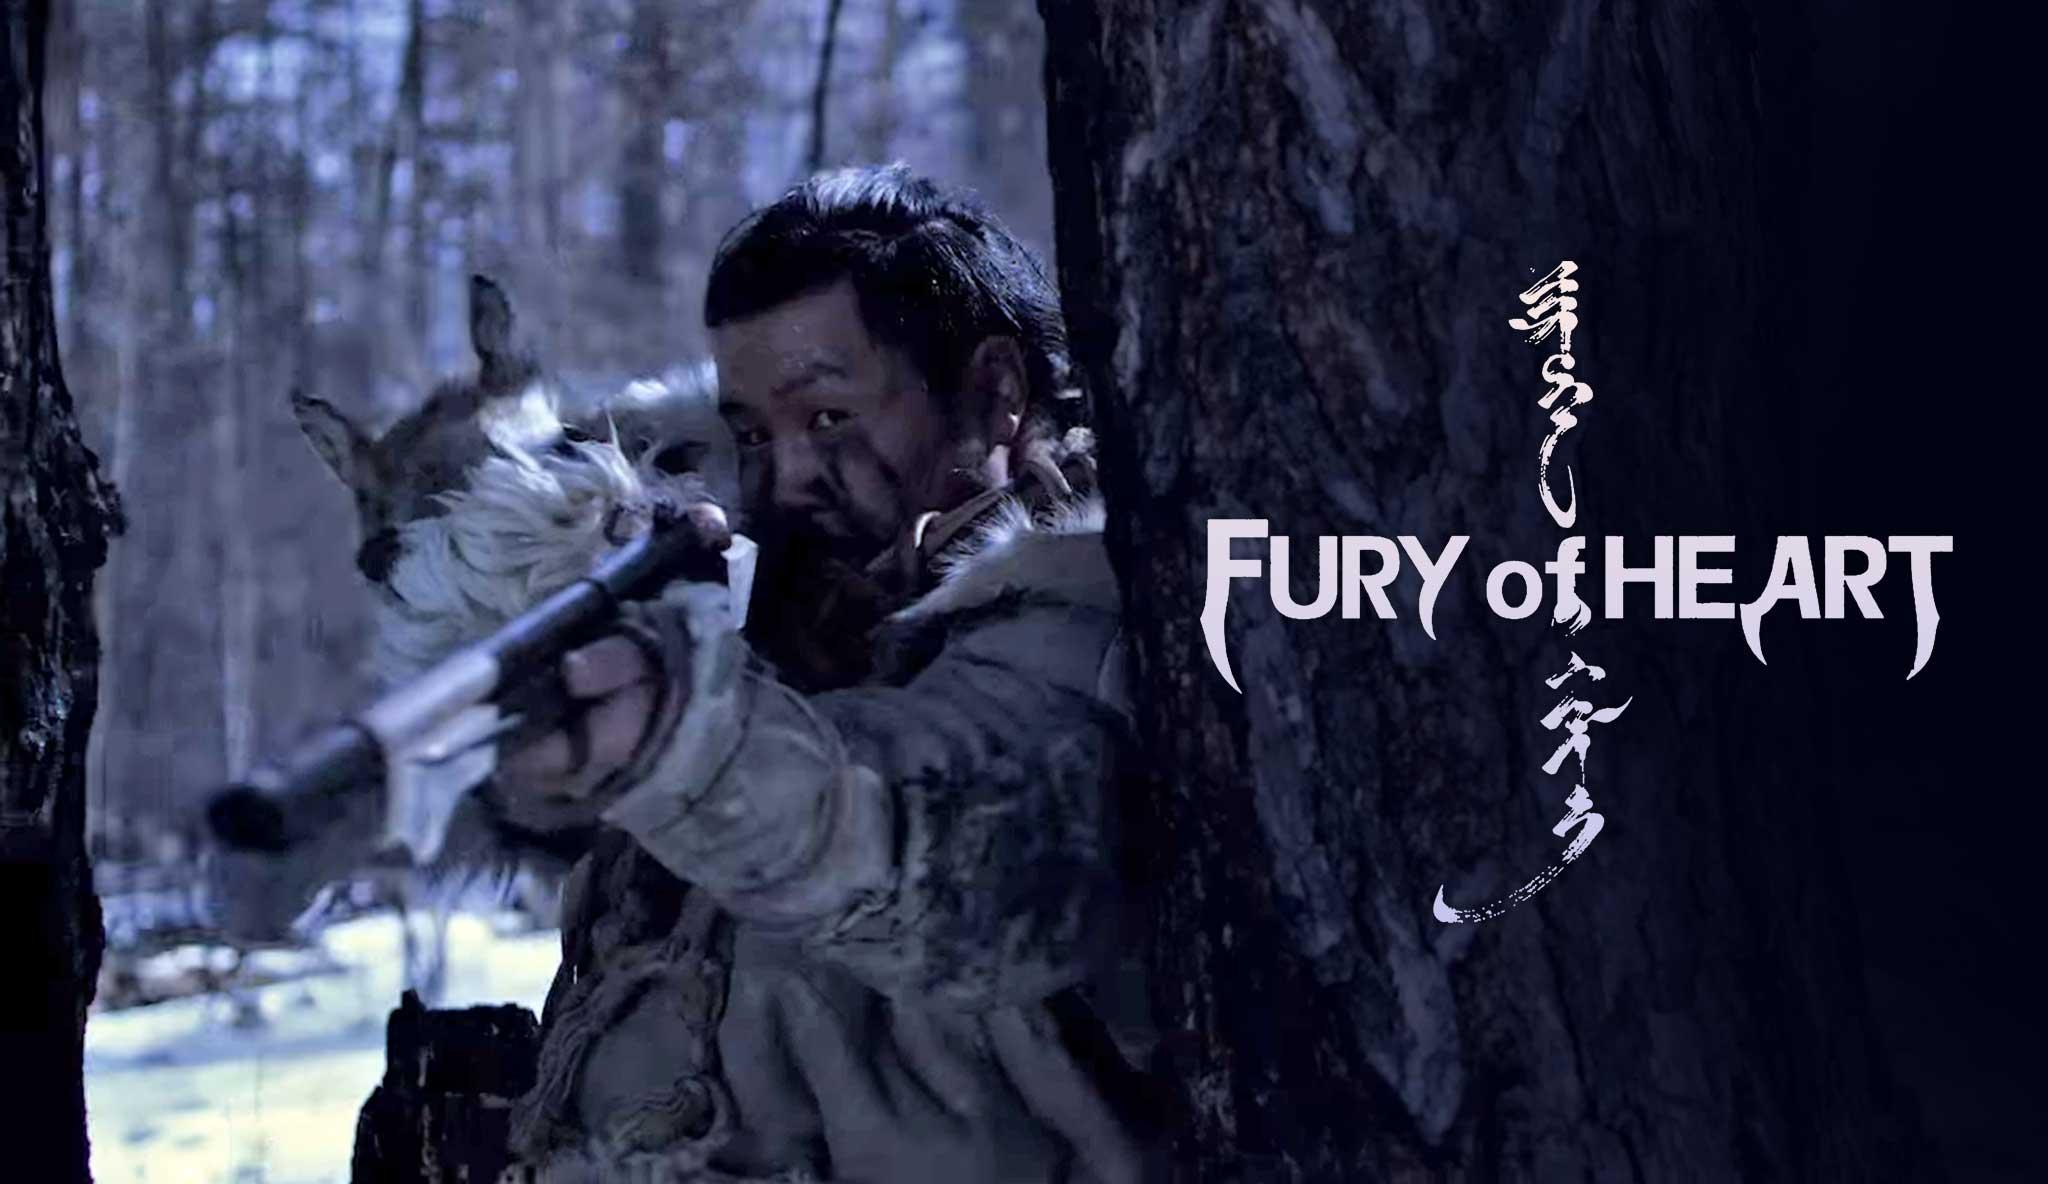 fury-of-heart\header.jpg